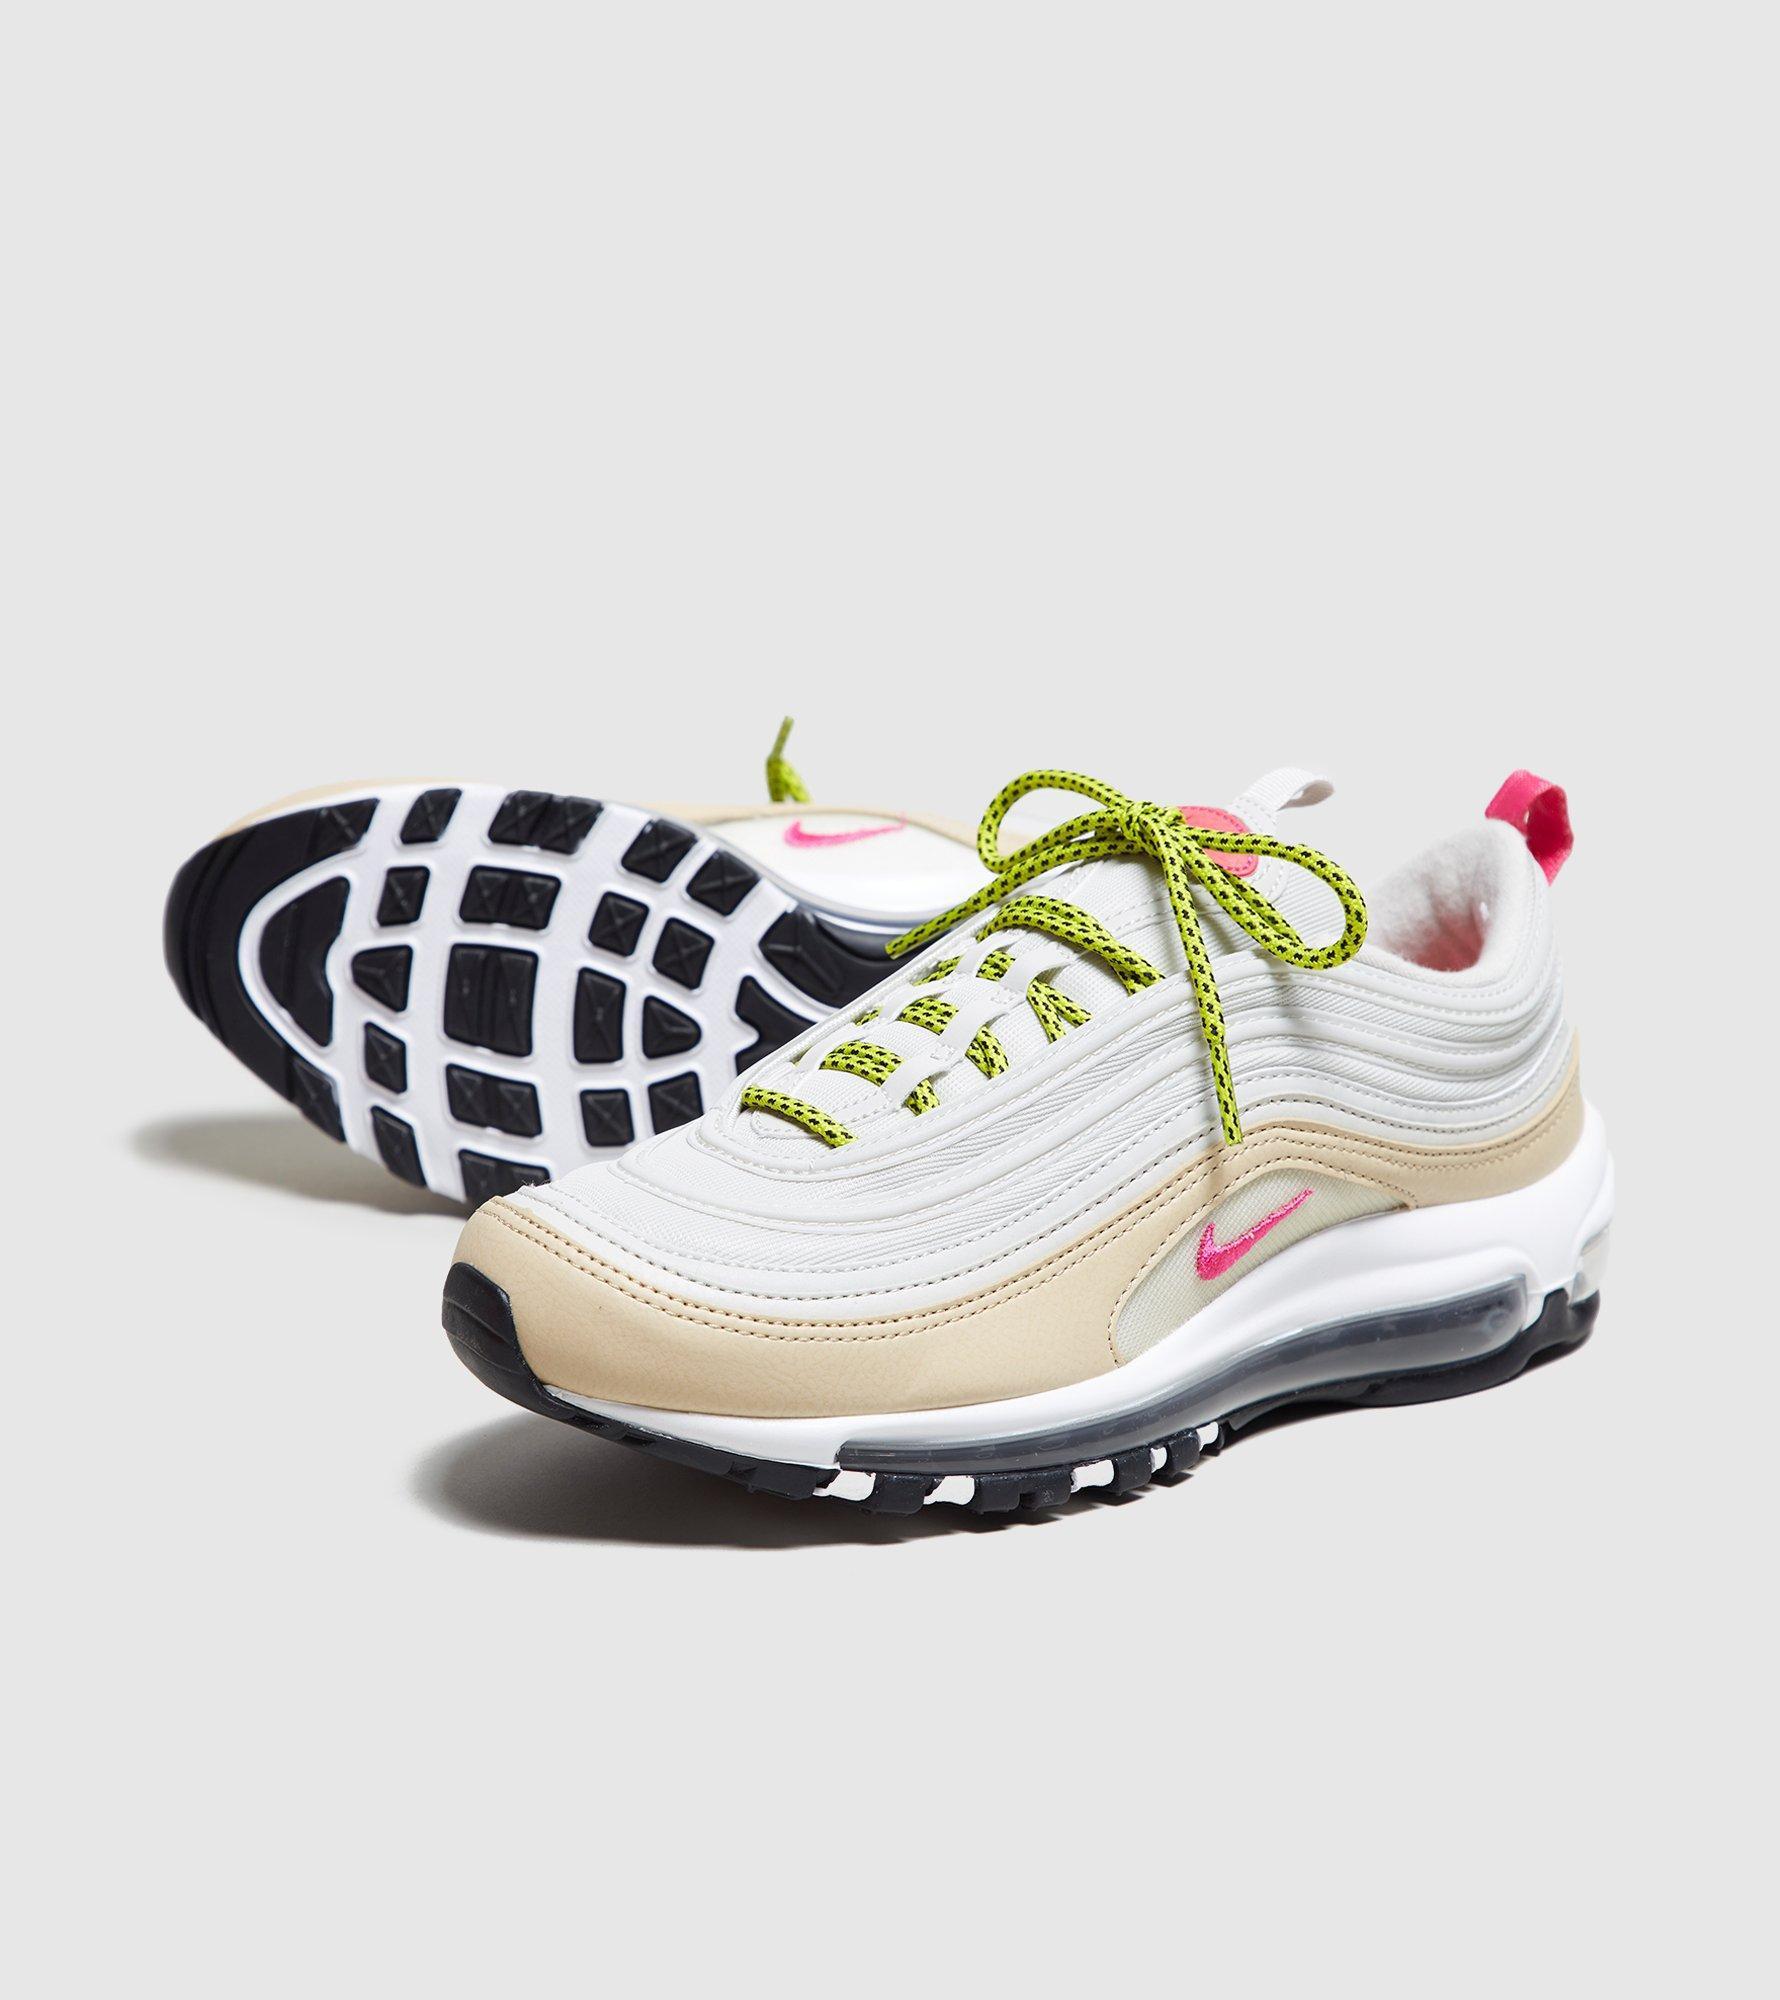 Nike Air Max 97 Og Women s in White - Lyst 31ef3b15b